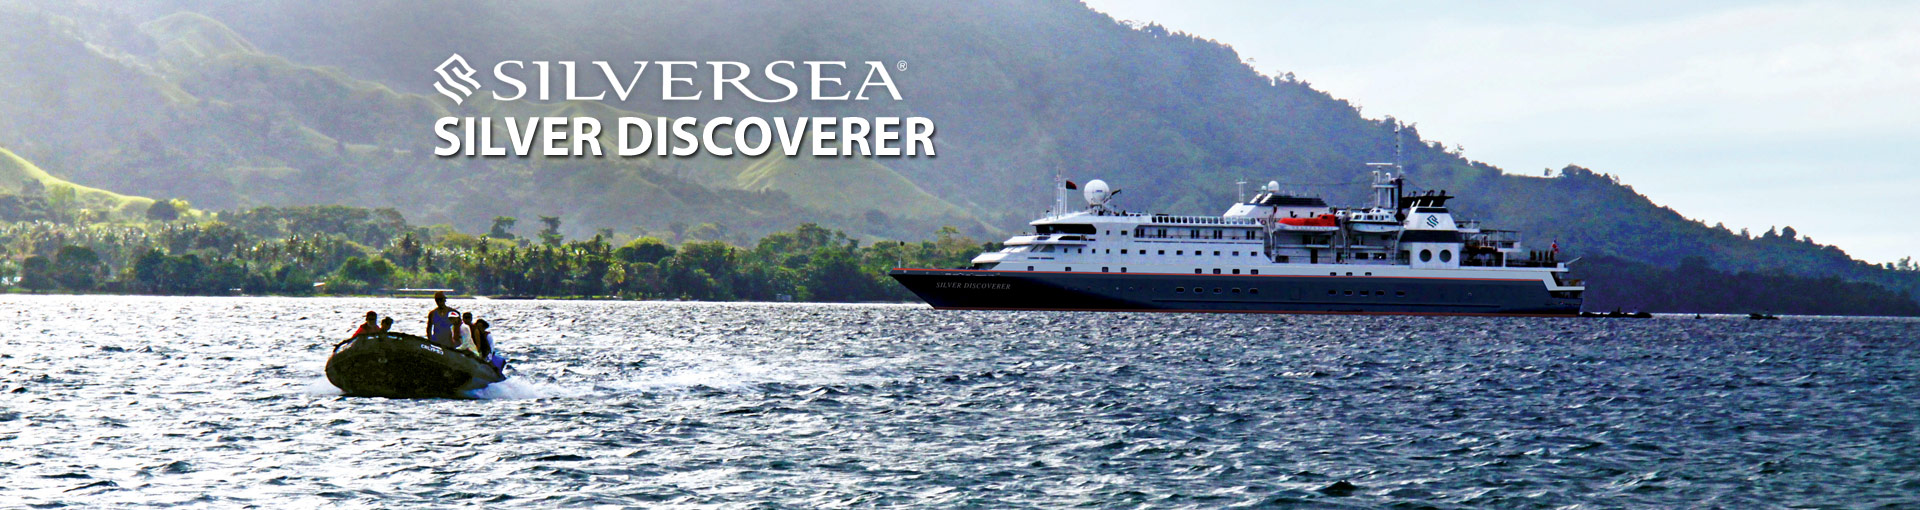 Silversea Cruises Silver Discoverer cruise ship